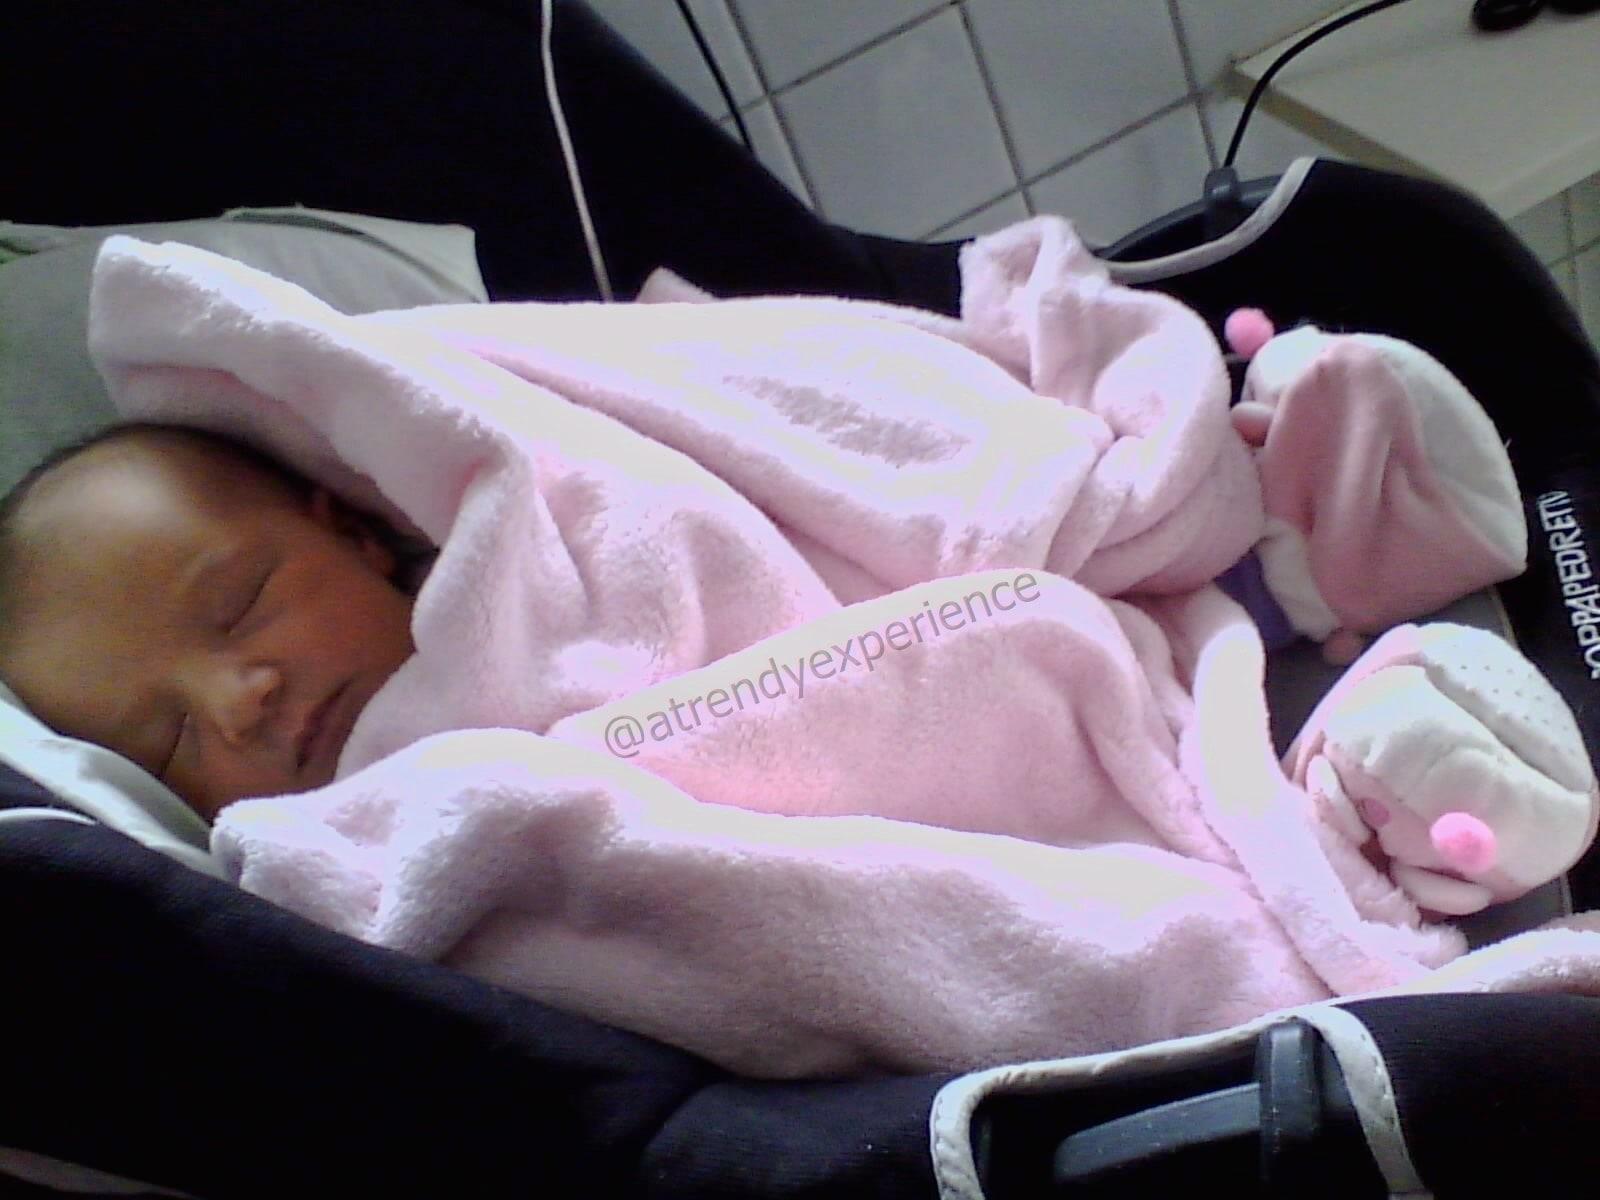 Tutine neonato made in italy, dove comprarle e come sceglierle